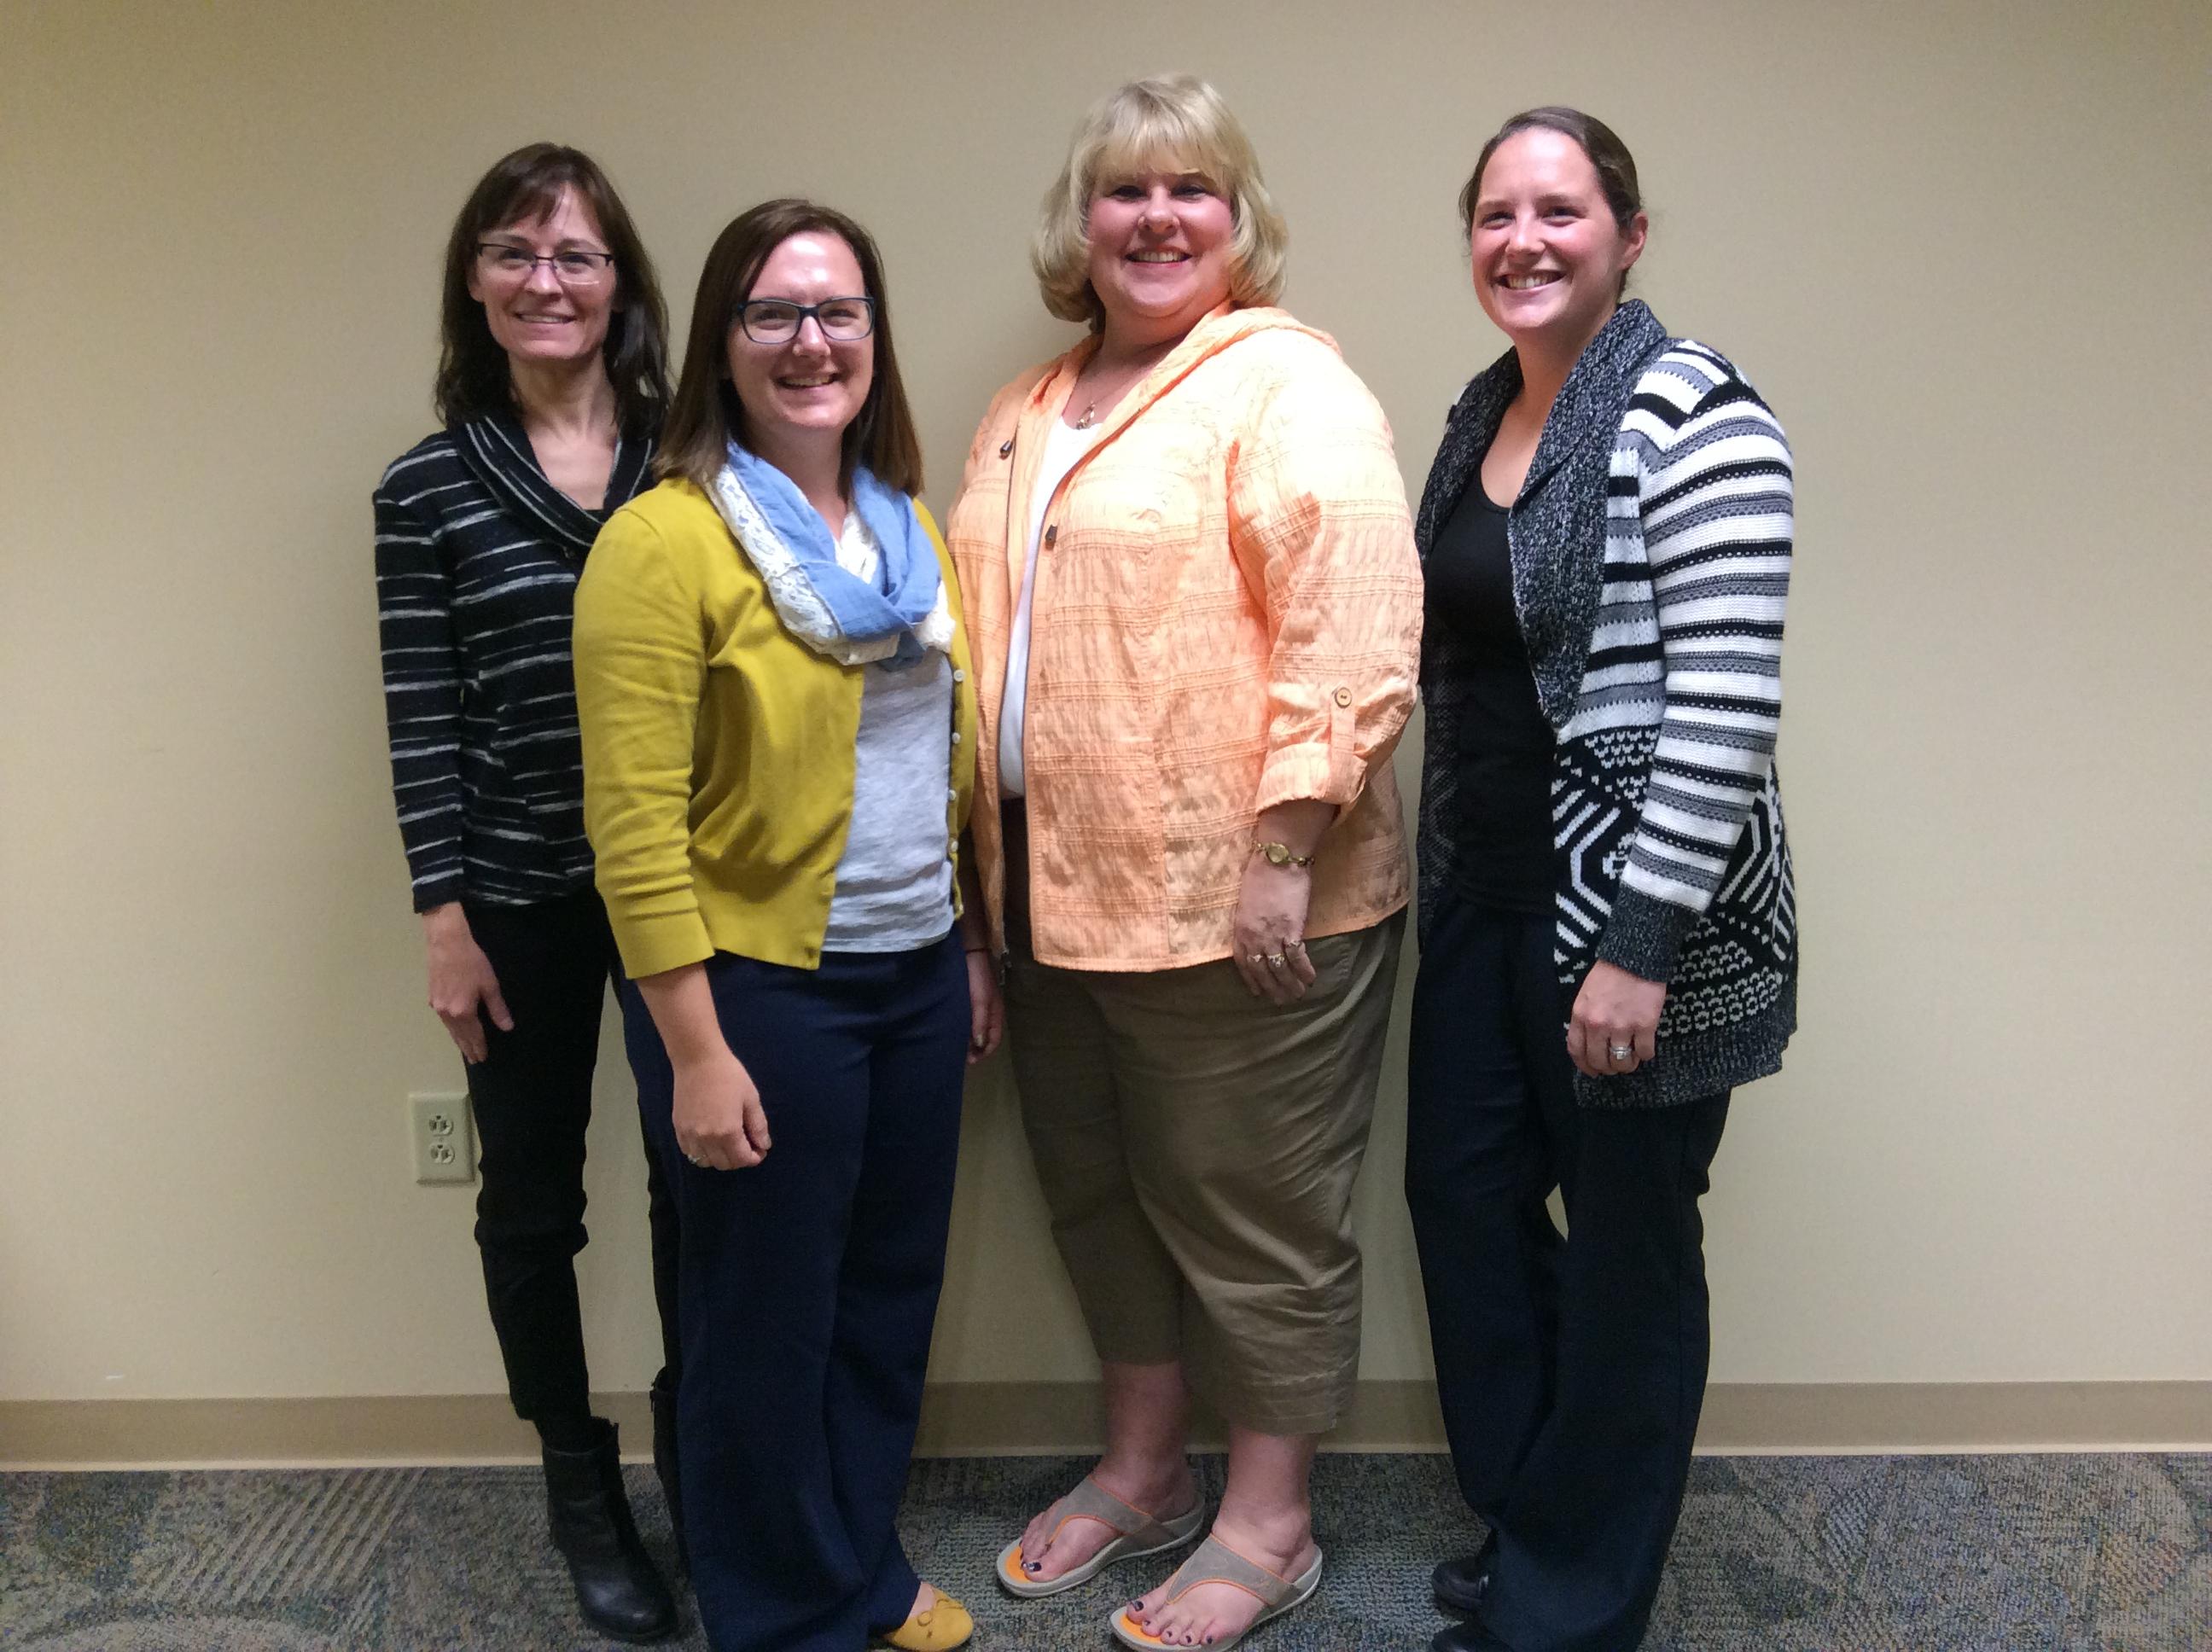 (left to right) Mary Pelly, Alisha Tuttle, Sandra Knipe, Caitlyn Wright